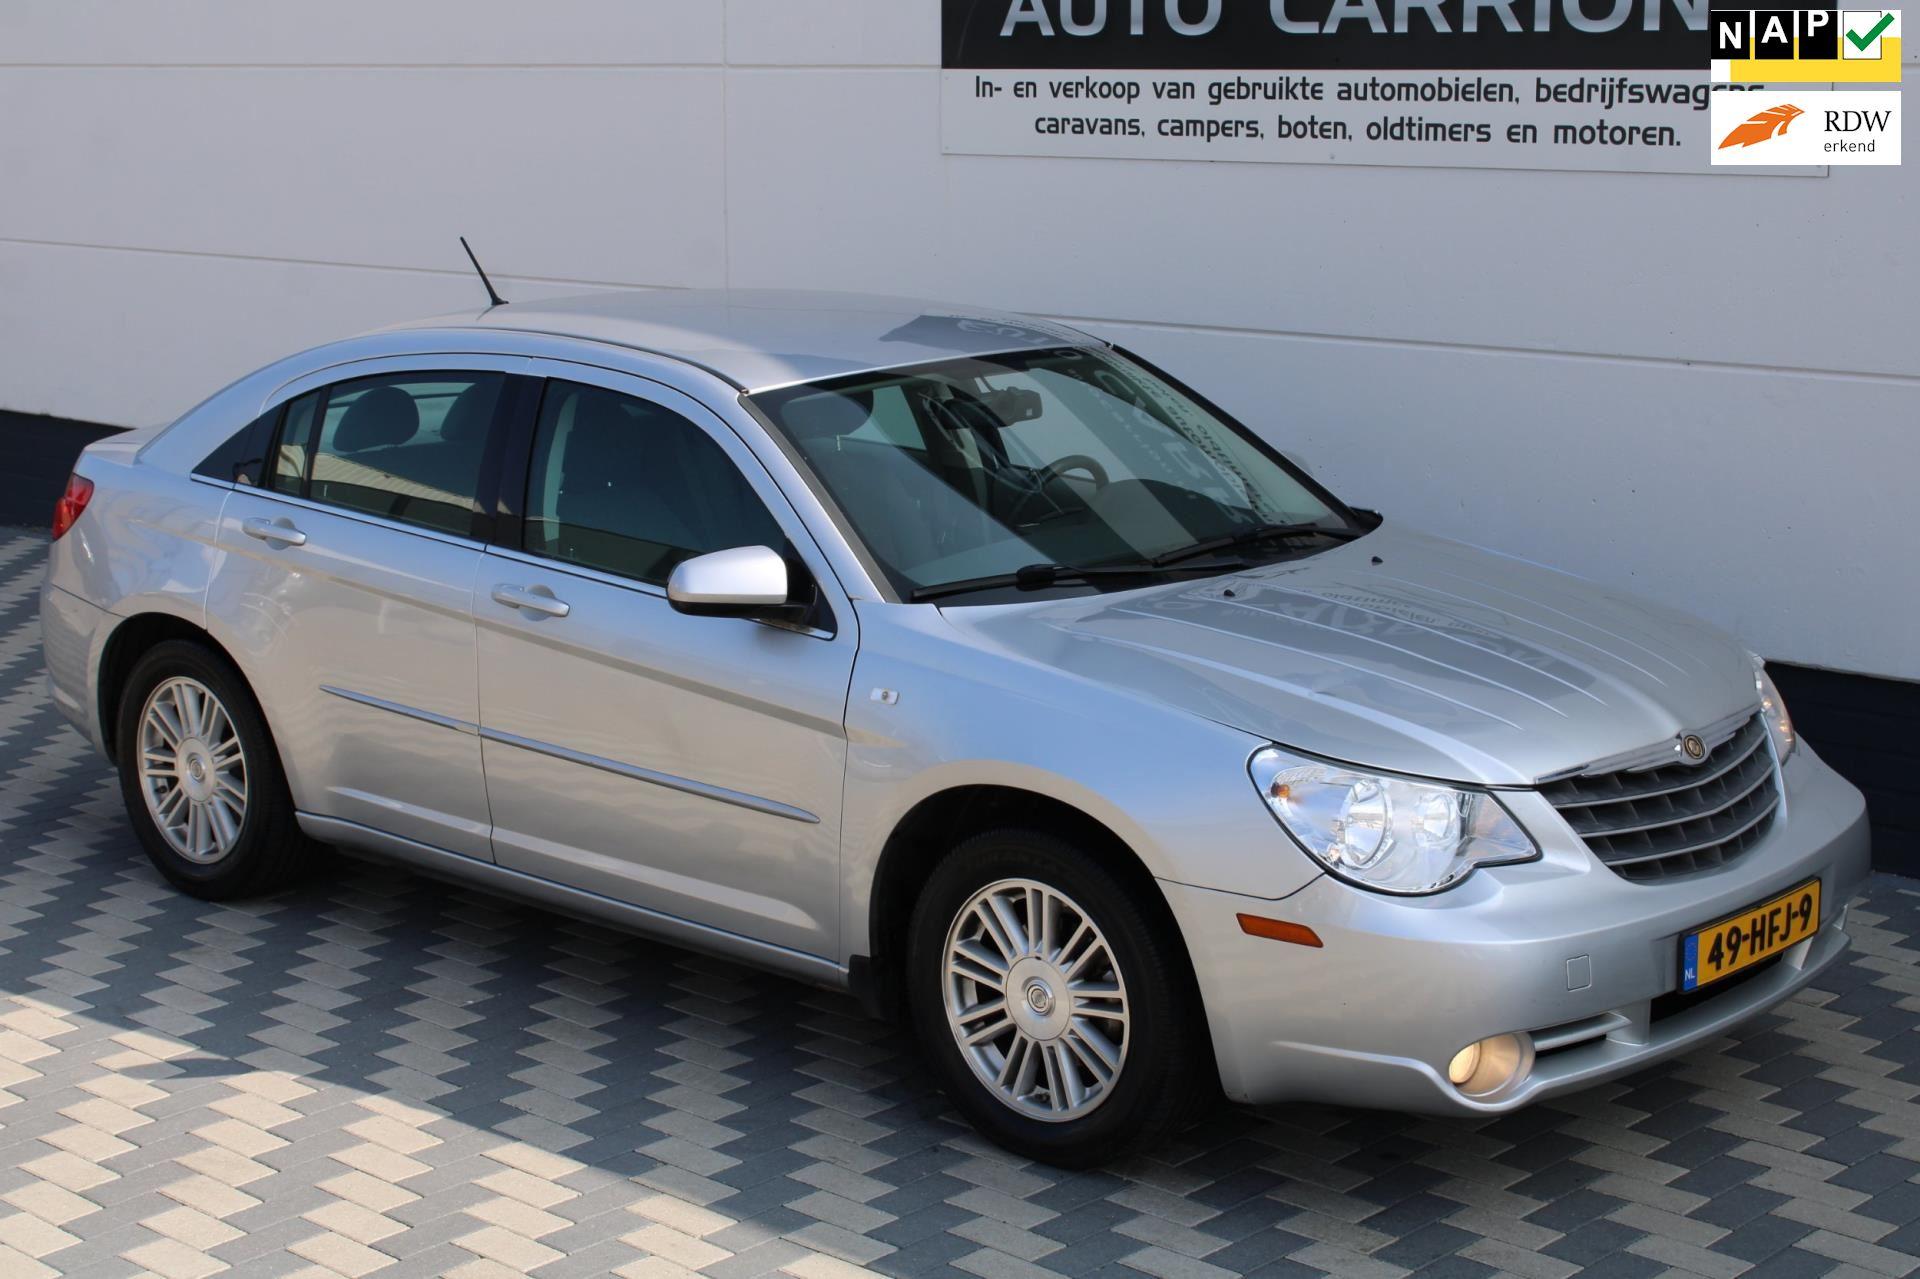 Chrysler Sebring occasion - CARRION